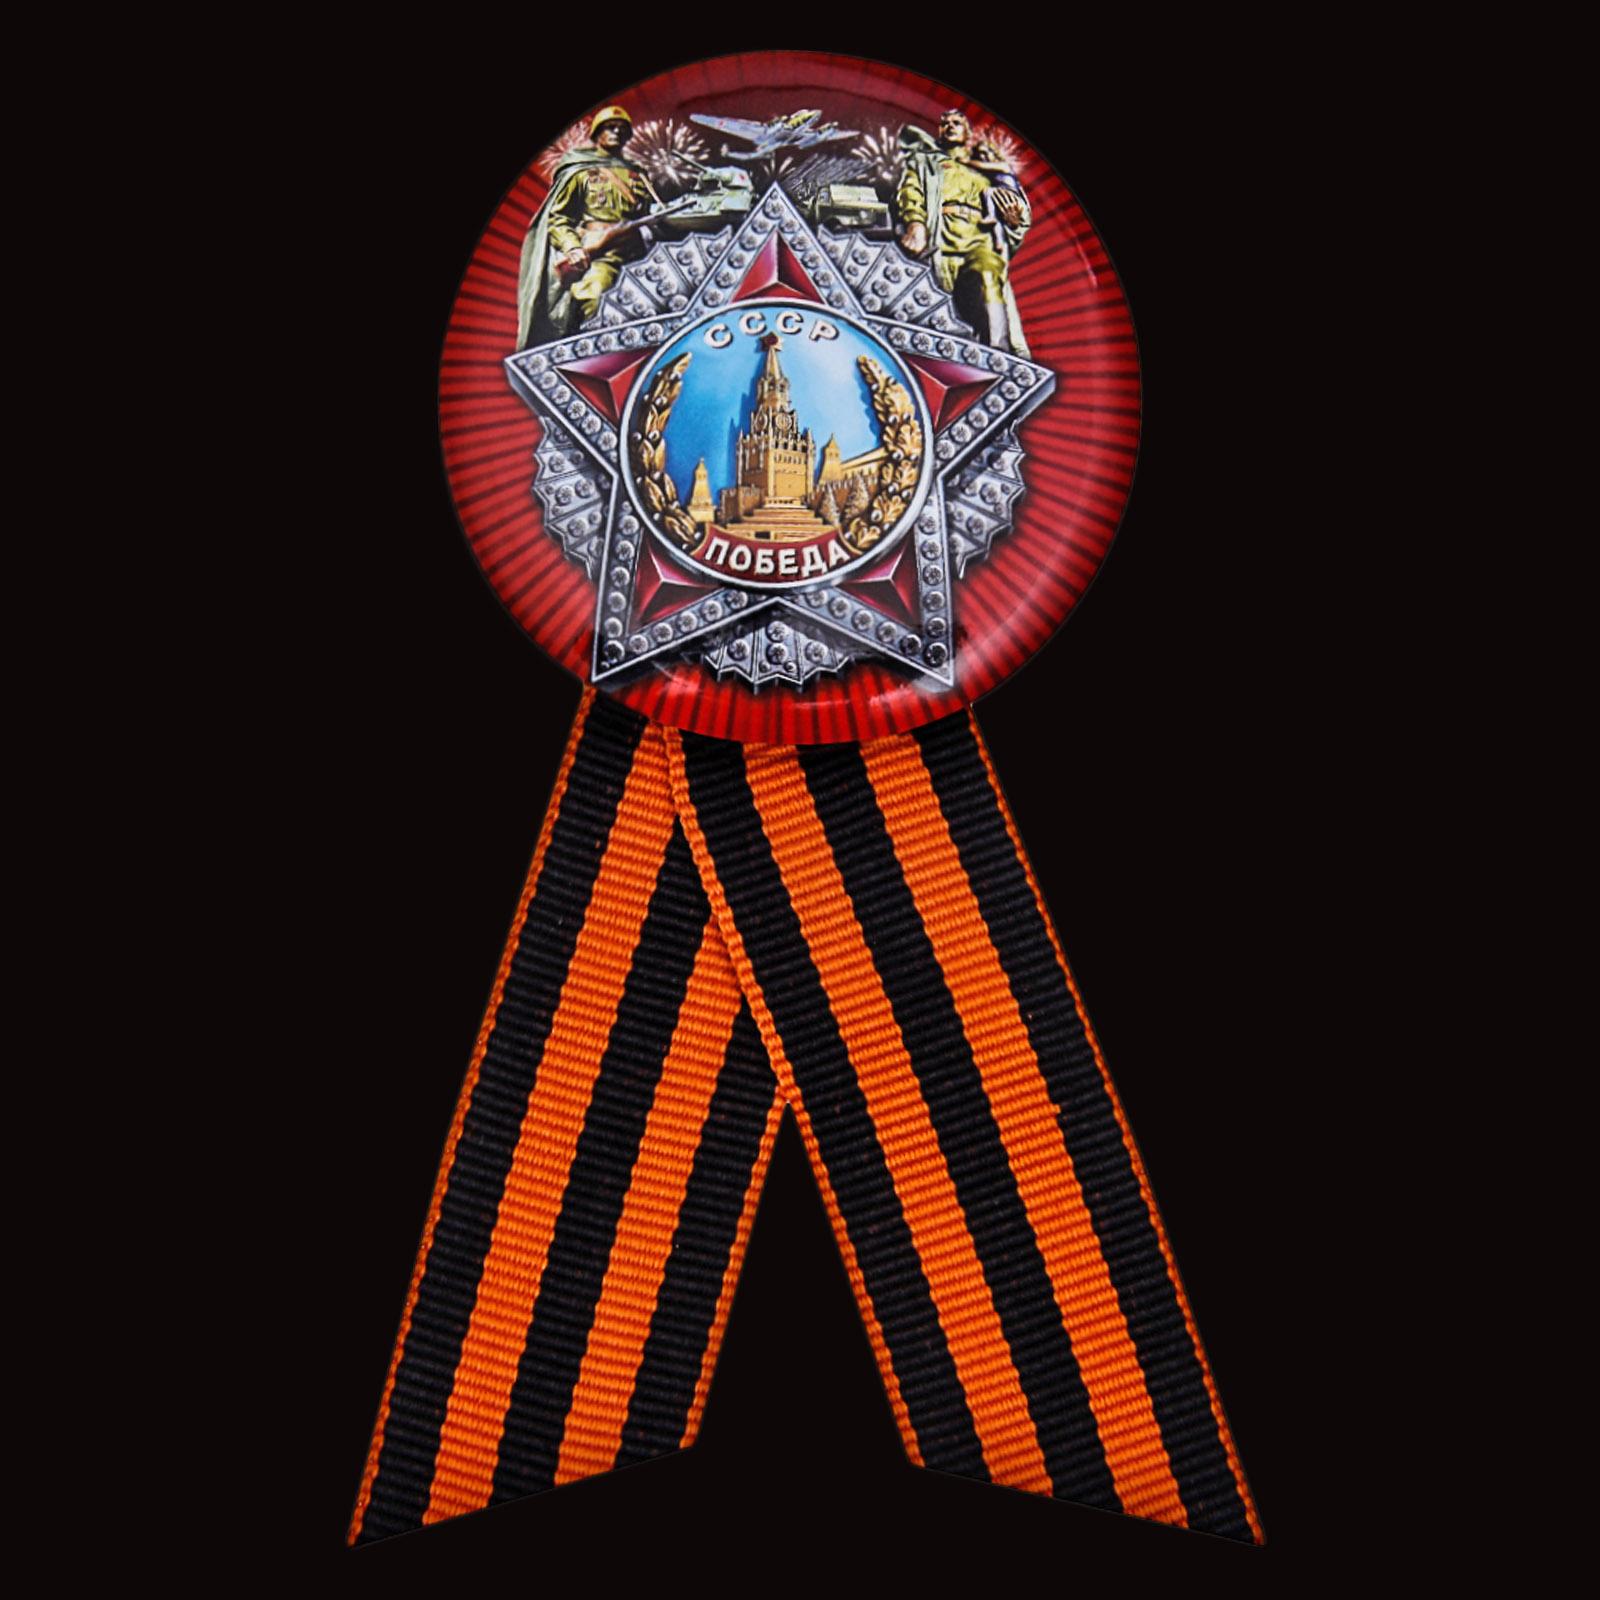 Юбилейный значок с орденом Победы СССР от Военпро